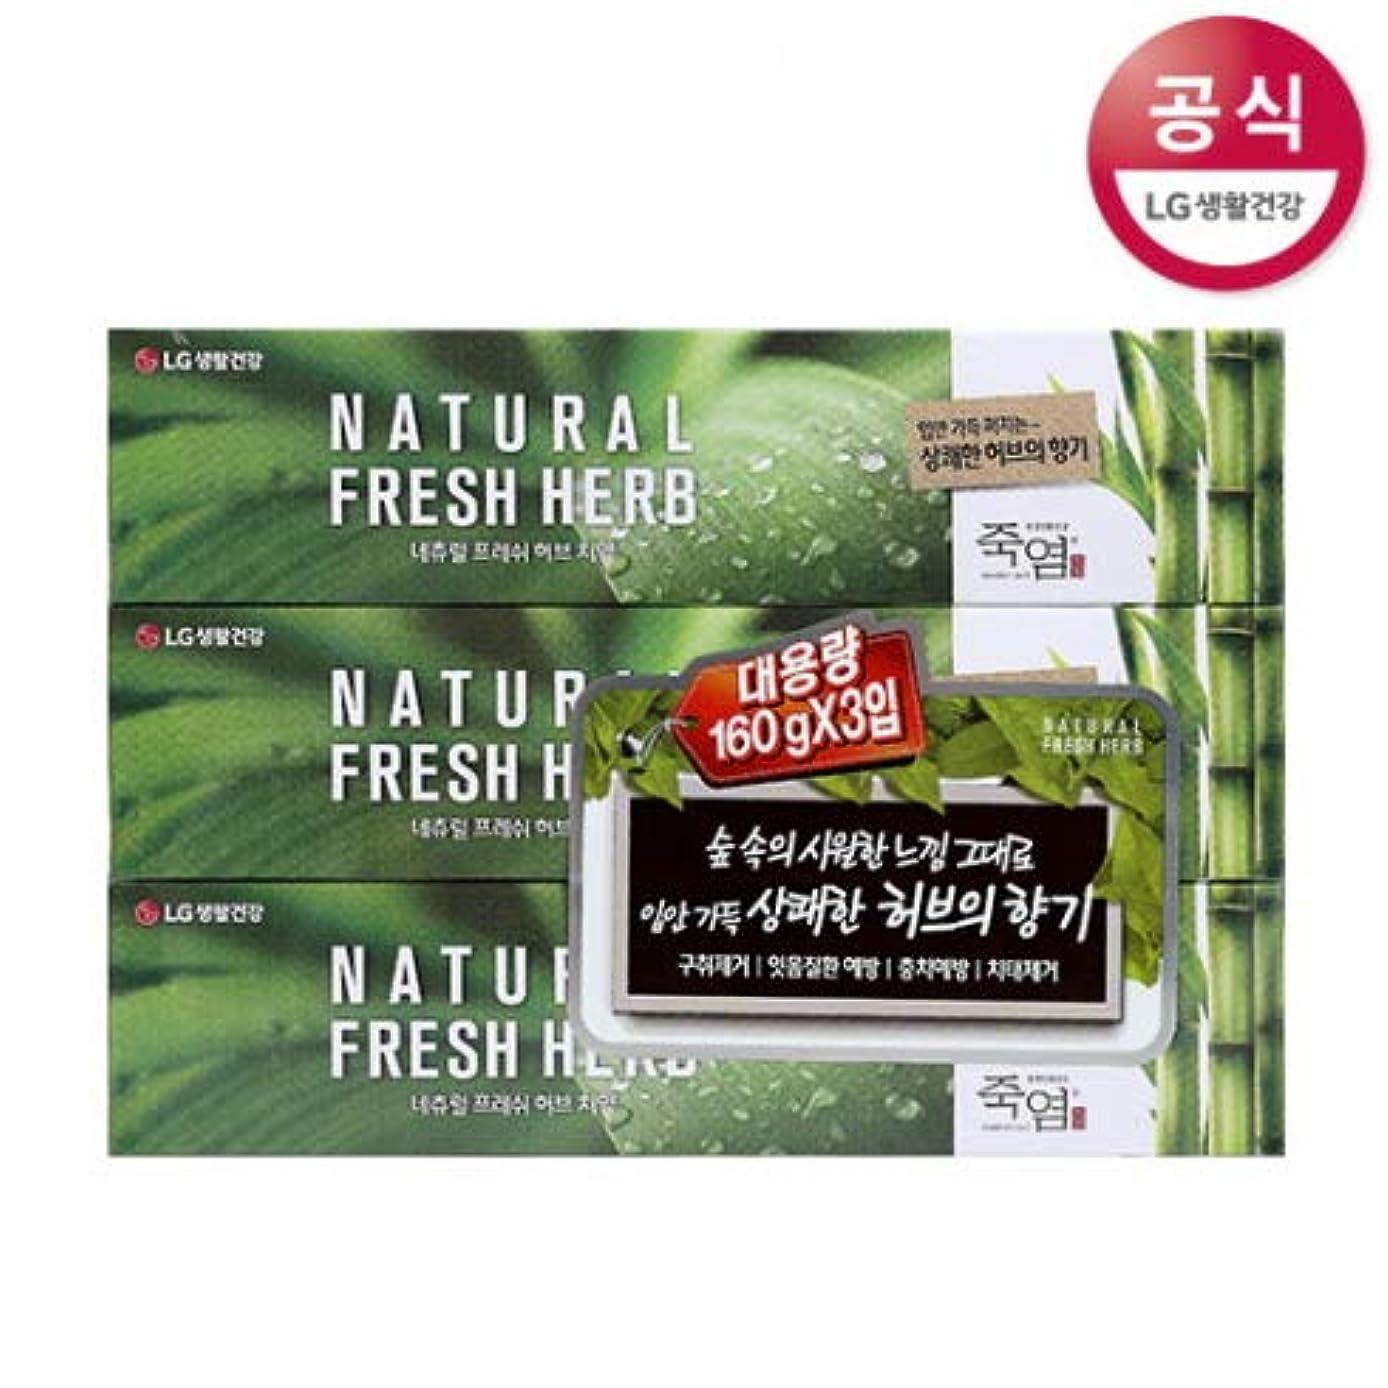 ふさわしい悔い改めテレビ[LG HnB] Bamboo Salt Natural Fresh Herbal Toothpaste/竹塩ナチュラルフレッシュハーブ歯磨き粉 160gx3個(海外直送品)